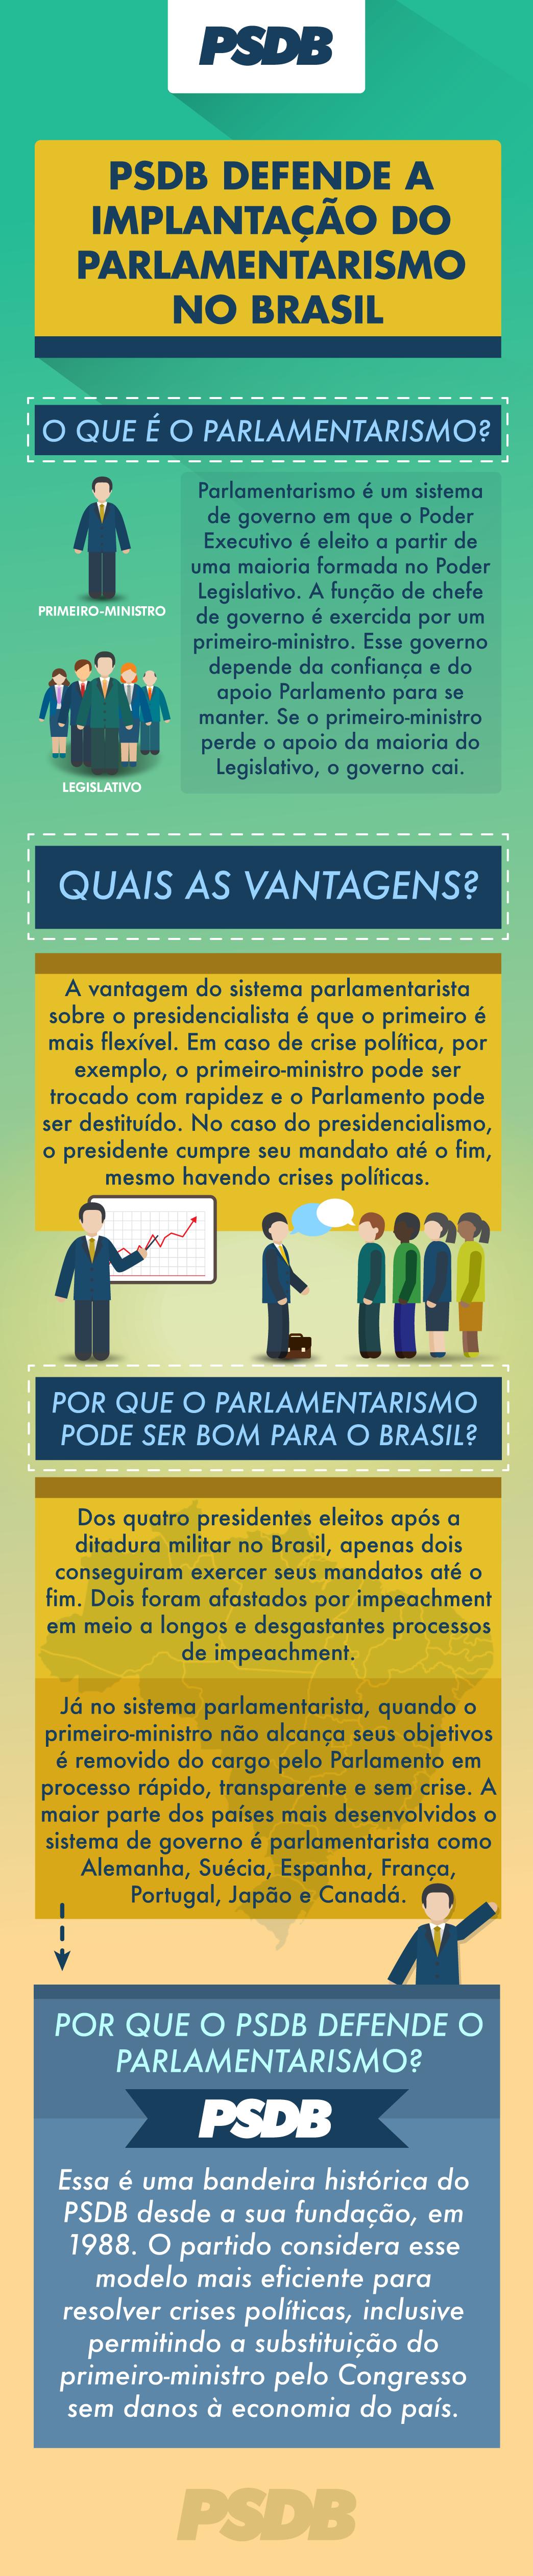 Infográfico – O que é parlamentarismo, quais as vantagens do parlamentarismo, por que o parlamentarismo pode ser bom para o Brasil, o PSDB defende a implementação do parlamentarismo.